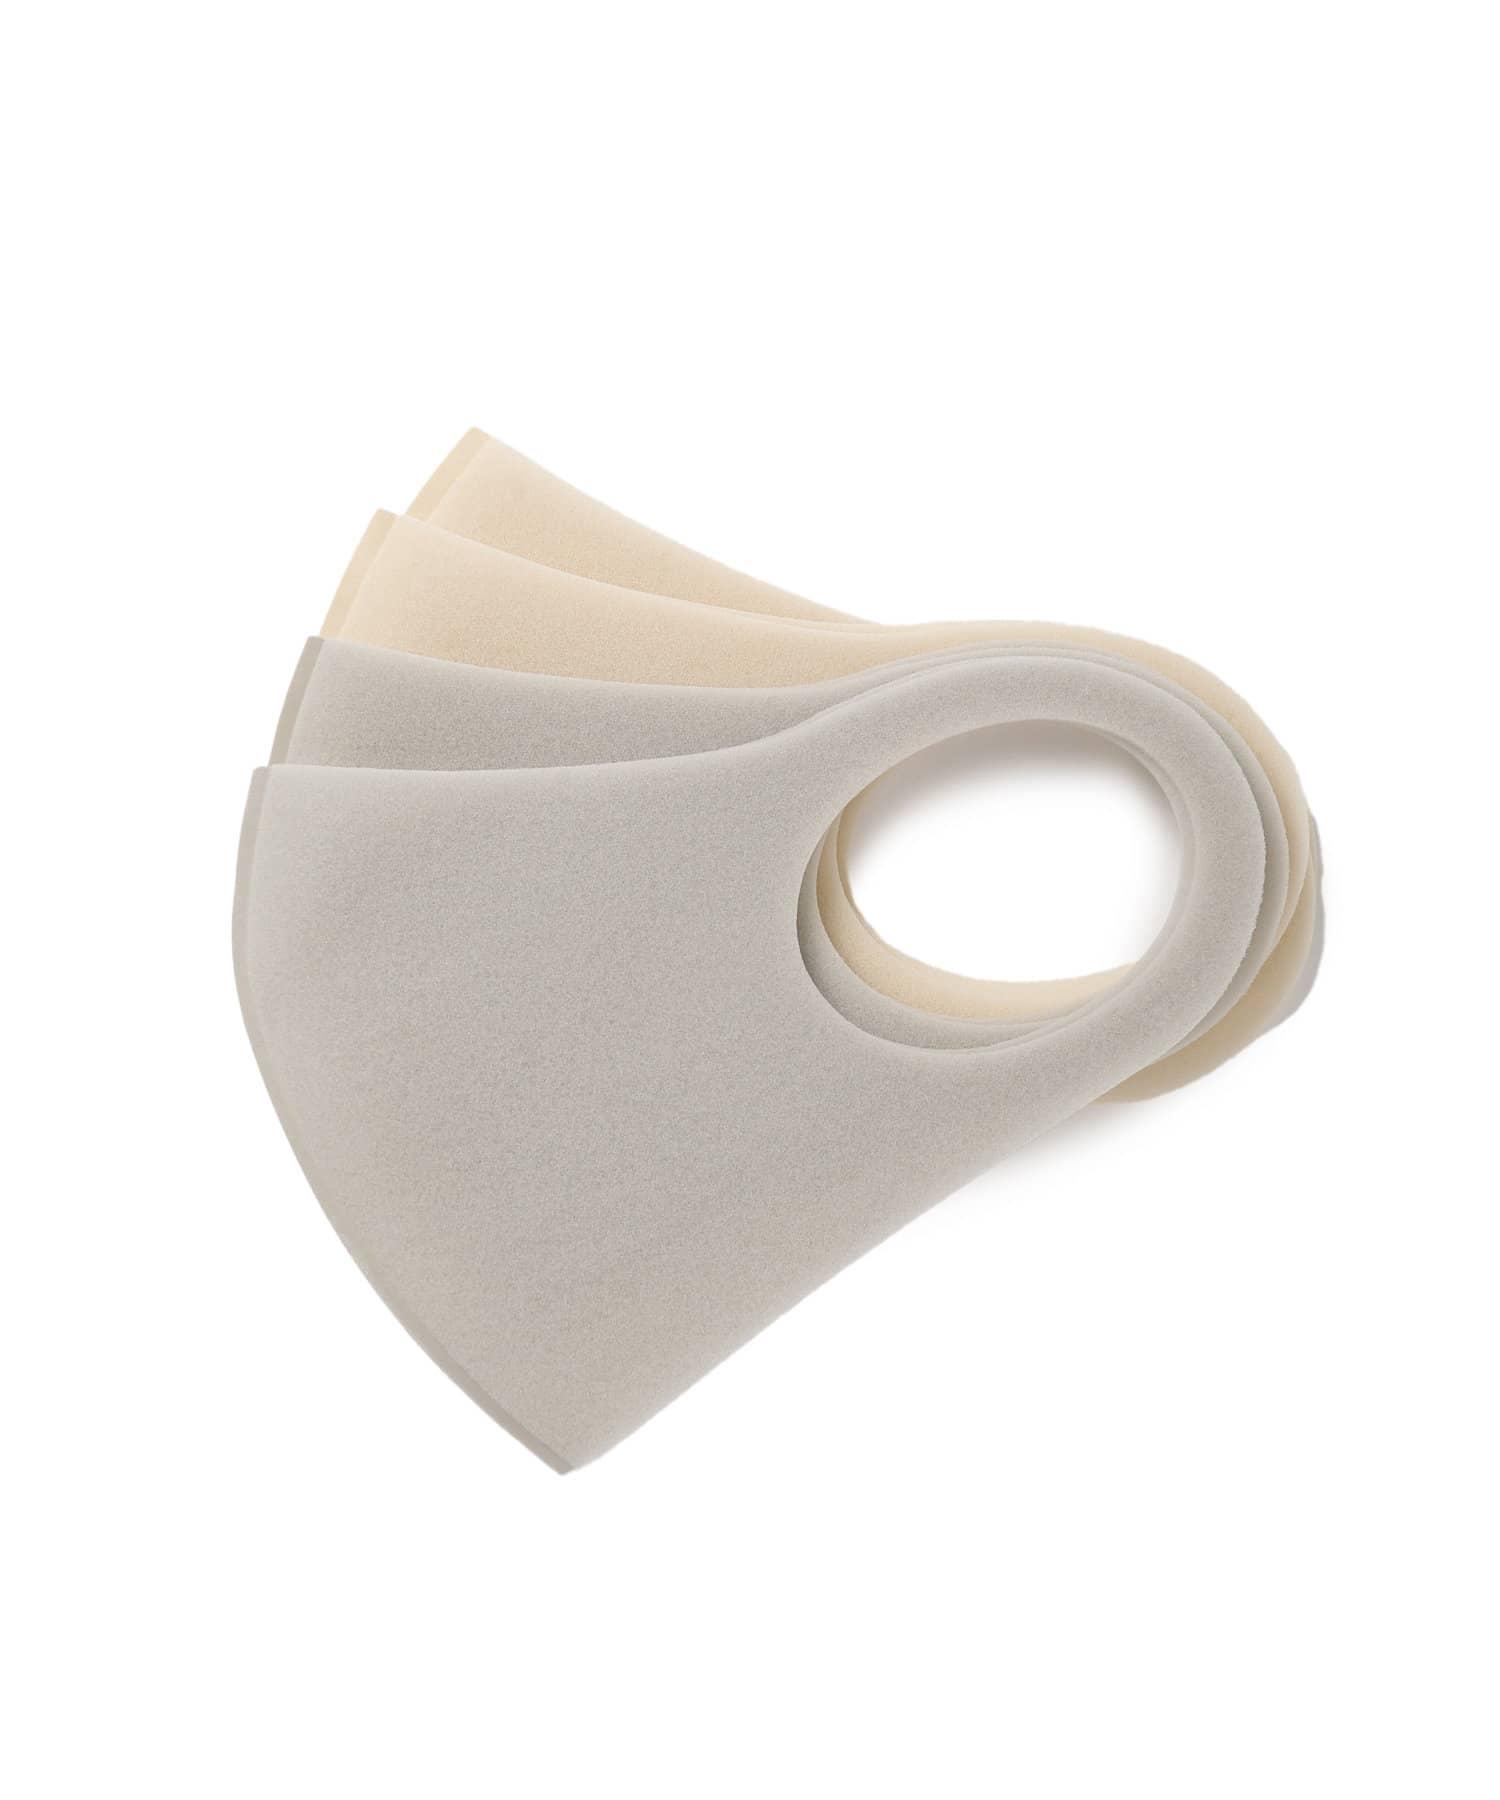 Lattice(ラティス) Lattice(ラティス) 《ニュアンスカラー立体ウレタンマスク 》4枚SET(大人用小さめ) ベージュ